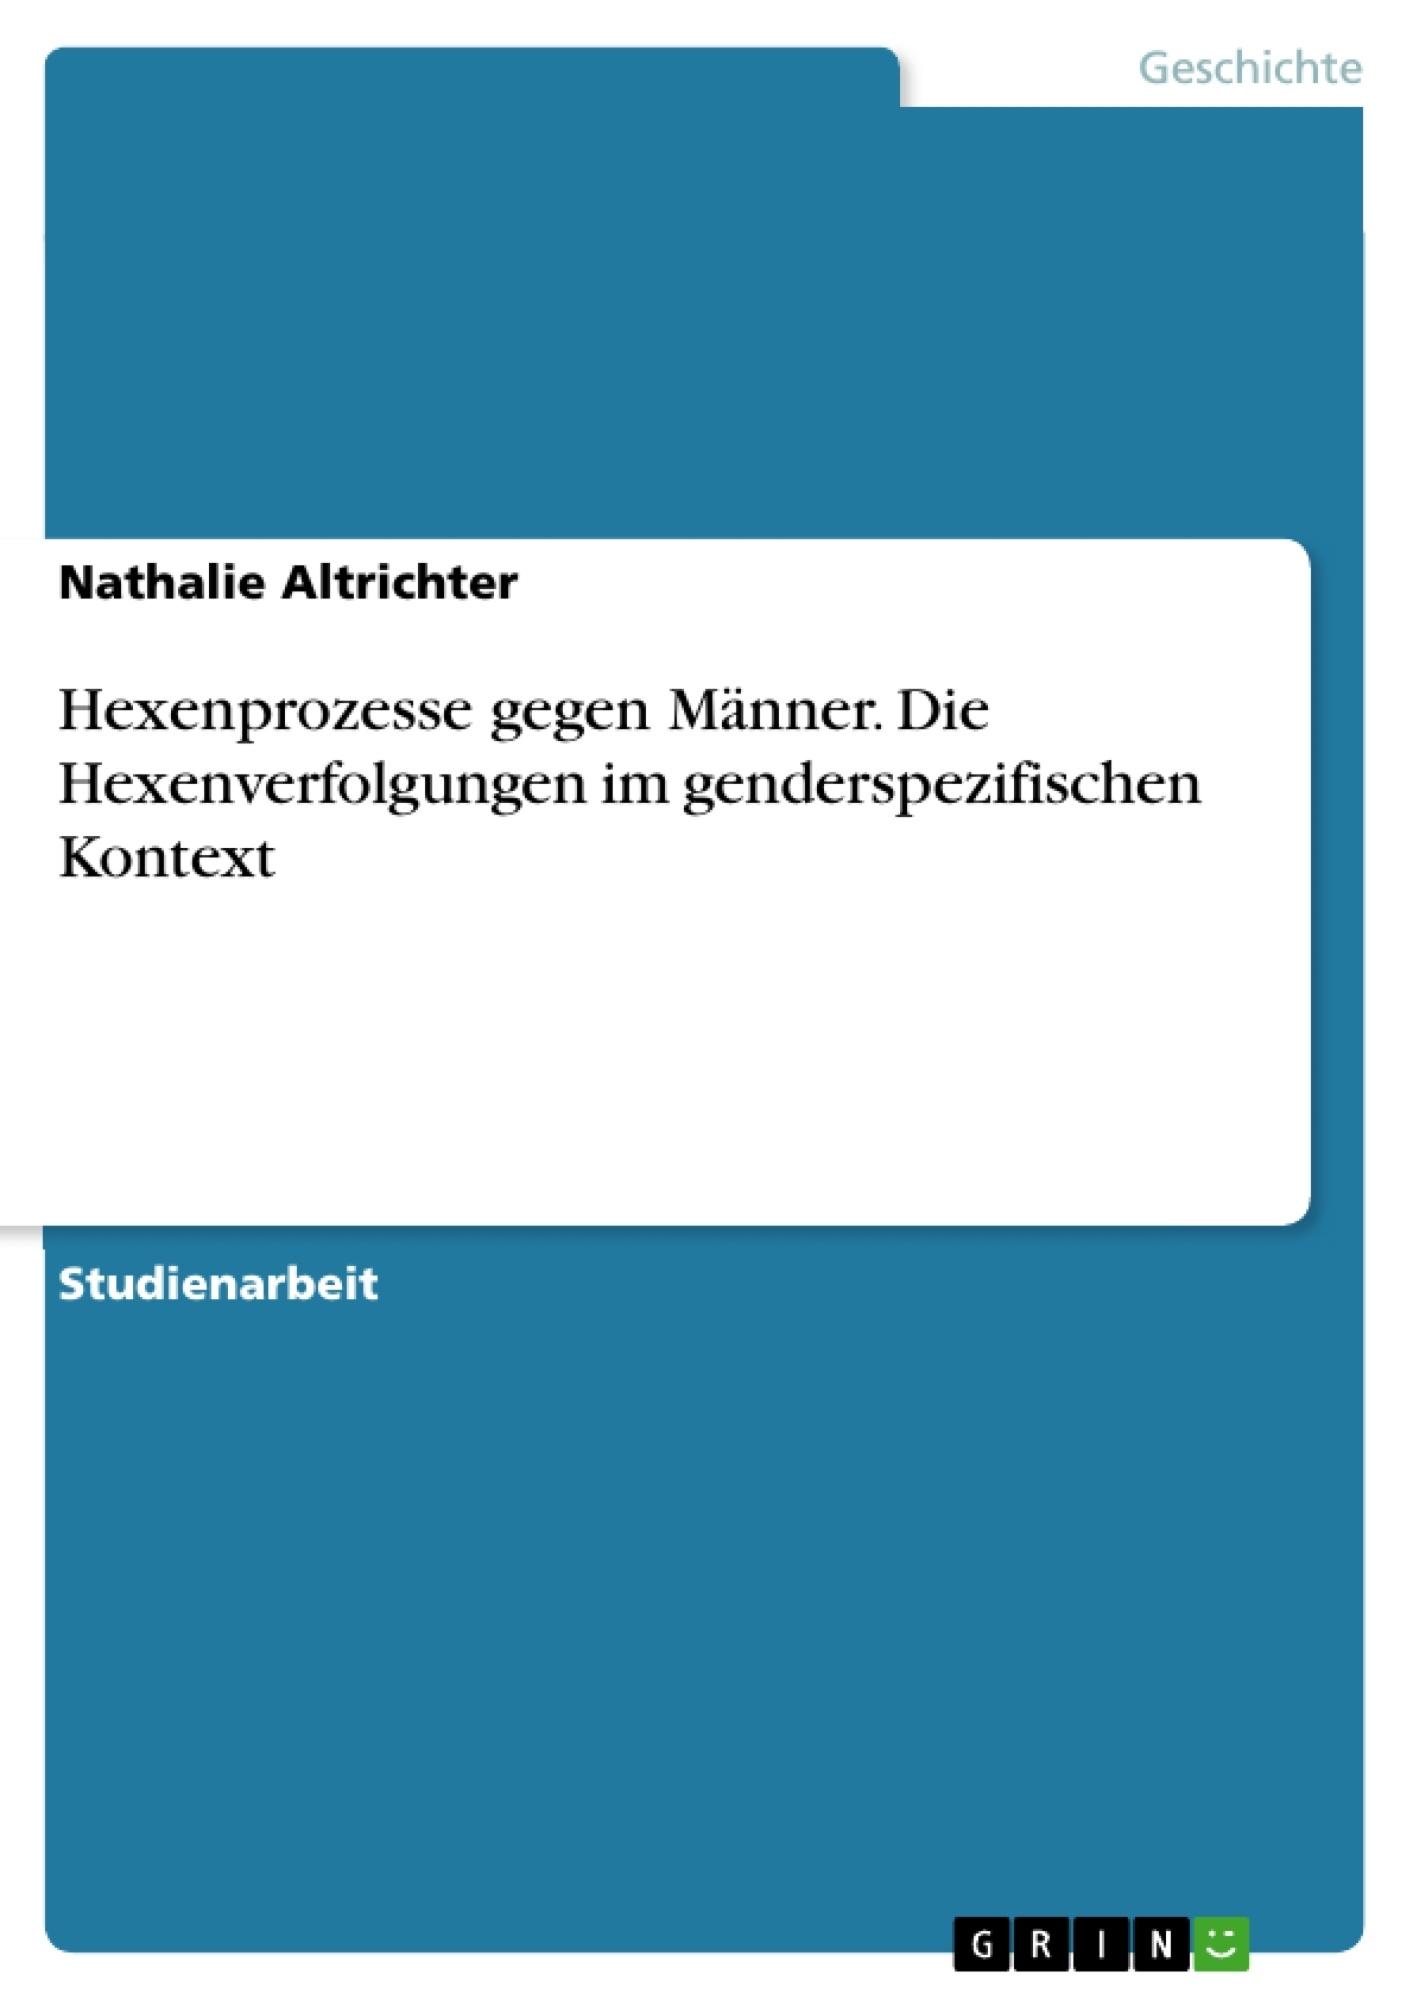 Titel: Hexenprozesse gegen Männer. Die Hexenverfolgungen im genderspezifischen Kontext